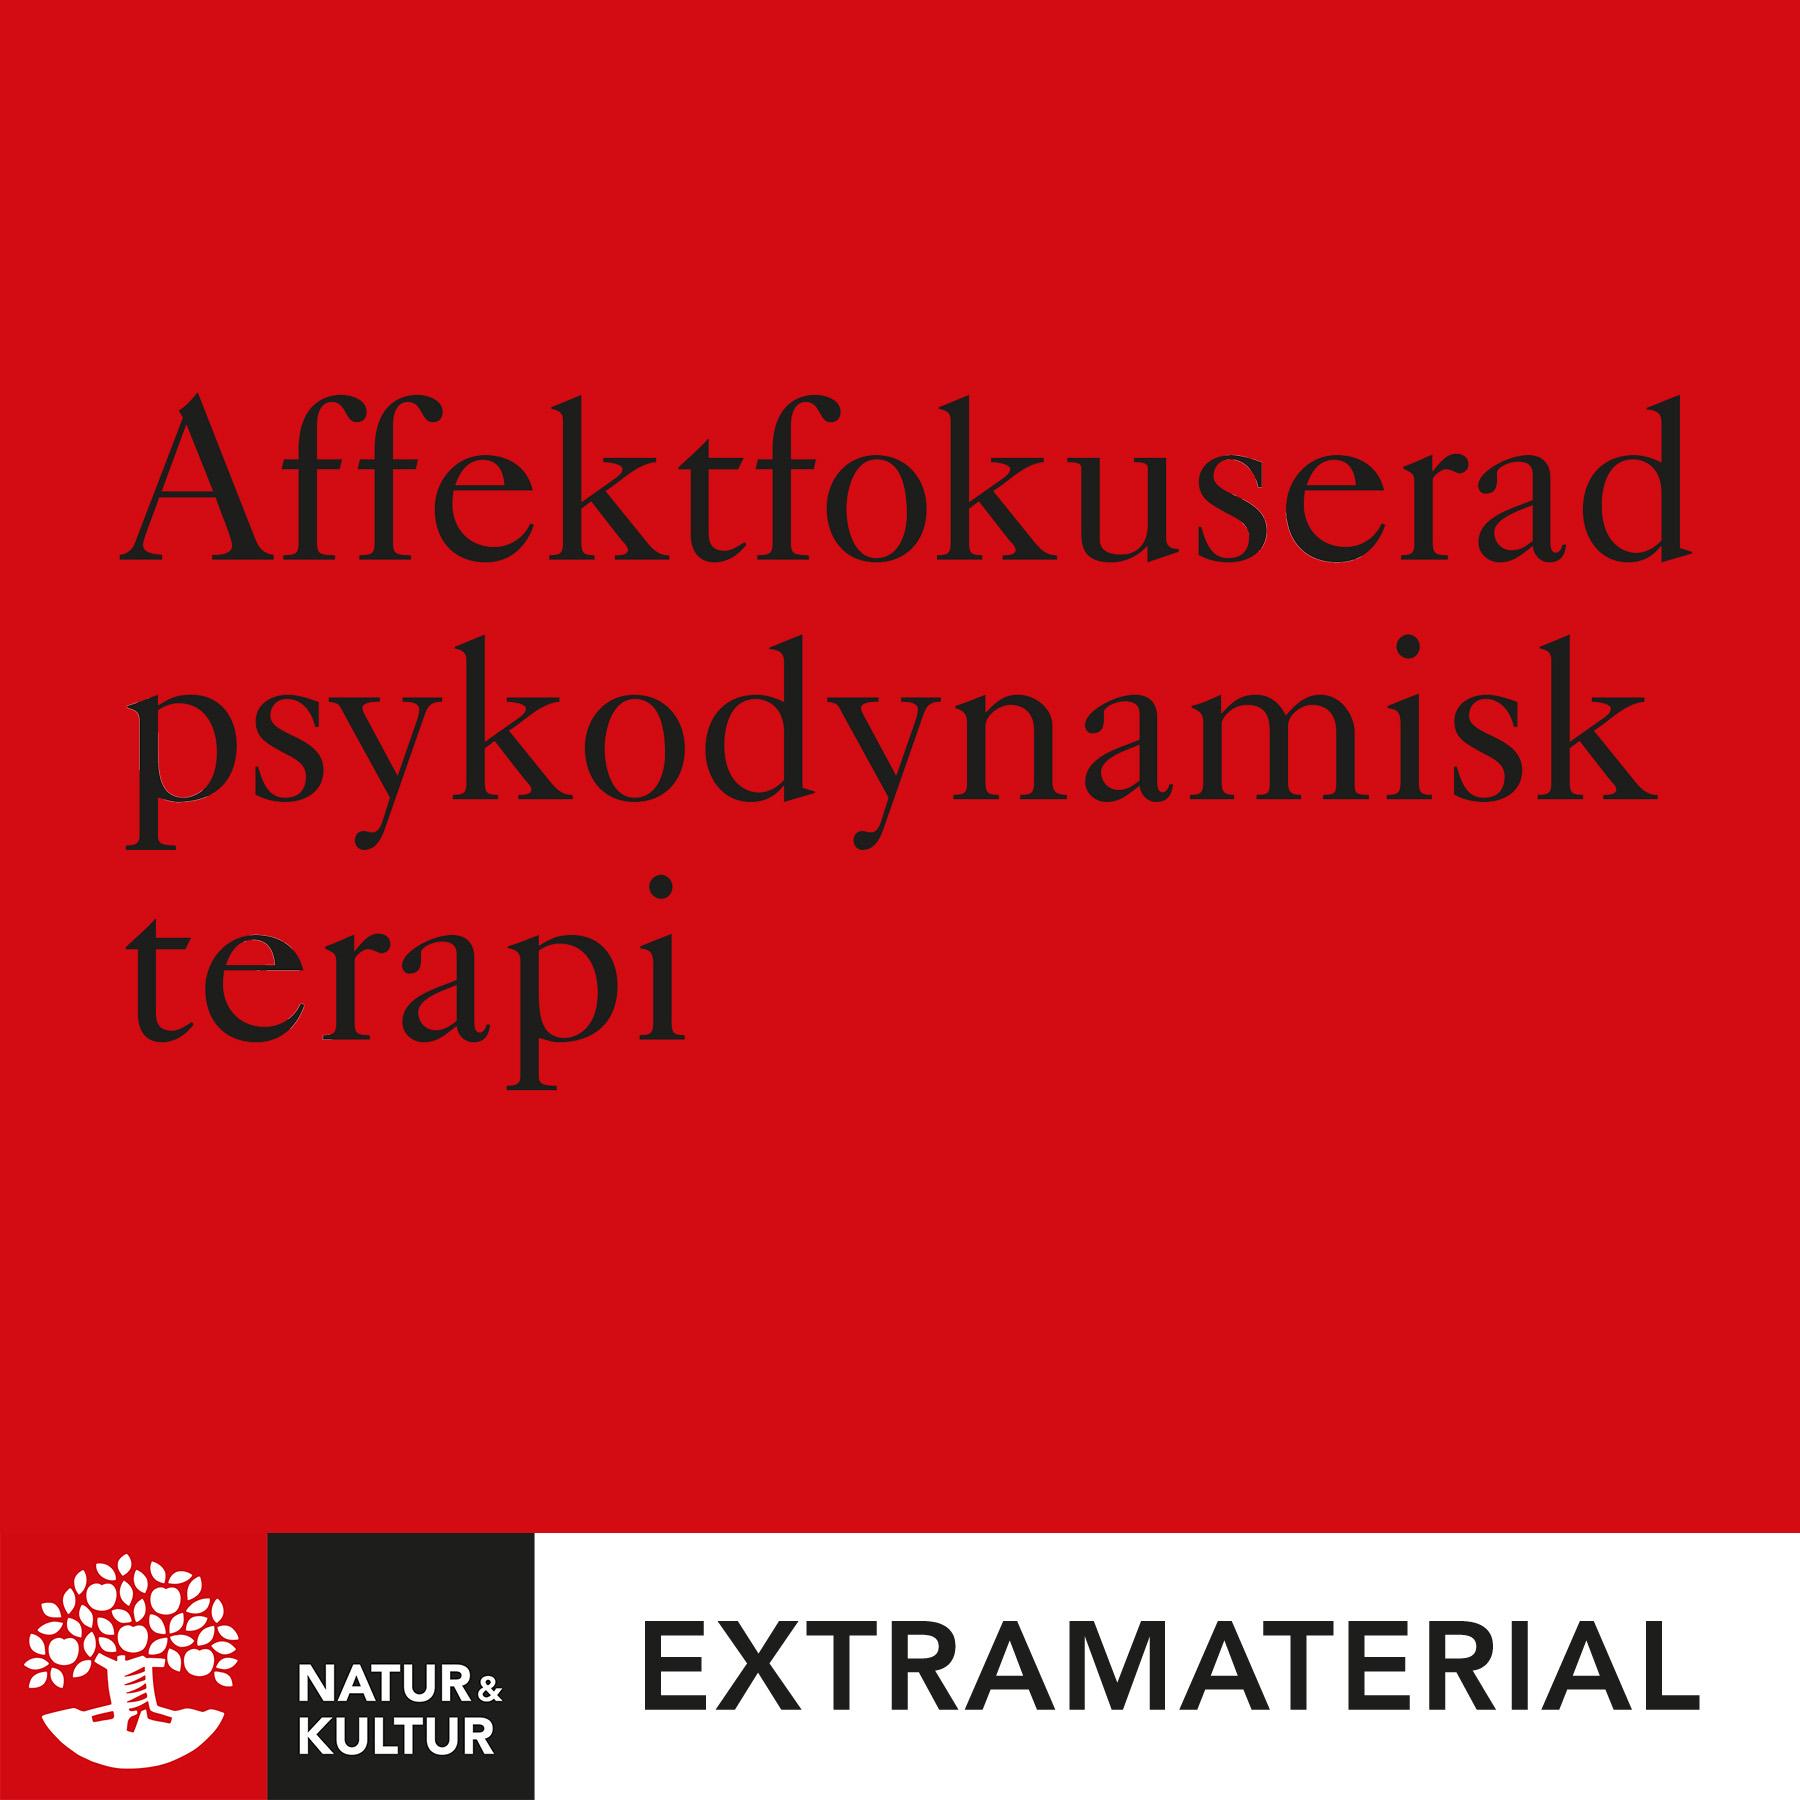 Affektfokuserad psykodynamisk terapi